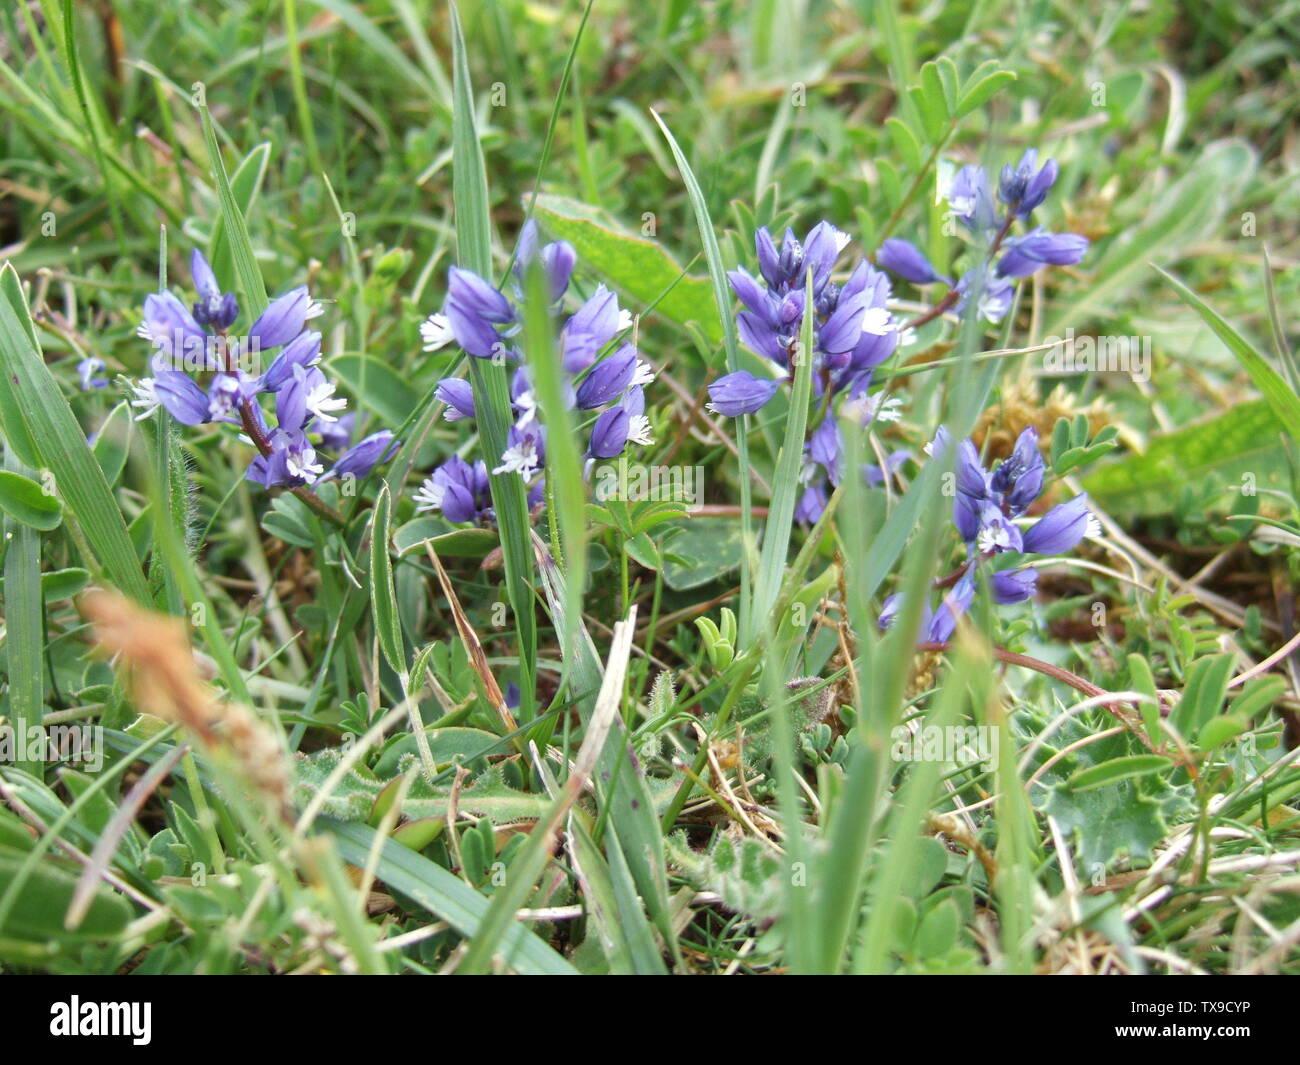 """'English: Polygale incarnat (Polygala sp.) croissant sur la craie, Wiltshire, Royaume-Uni. La majorité des plantes ont fleuri bleu mais il y en avait un avec des fleurs mauves à proximité (photo aussi chargé que """"ilkwort mauve'); 4 mai 2009 (en fonction des données Exif); son propre travail de l'original uploader; utilisateur:Jasper33; ' Photo Stock"""